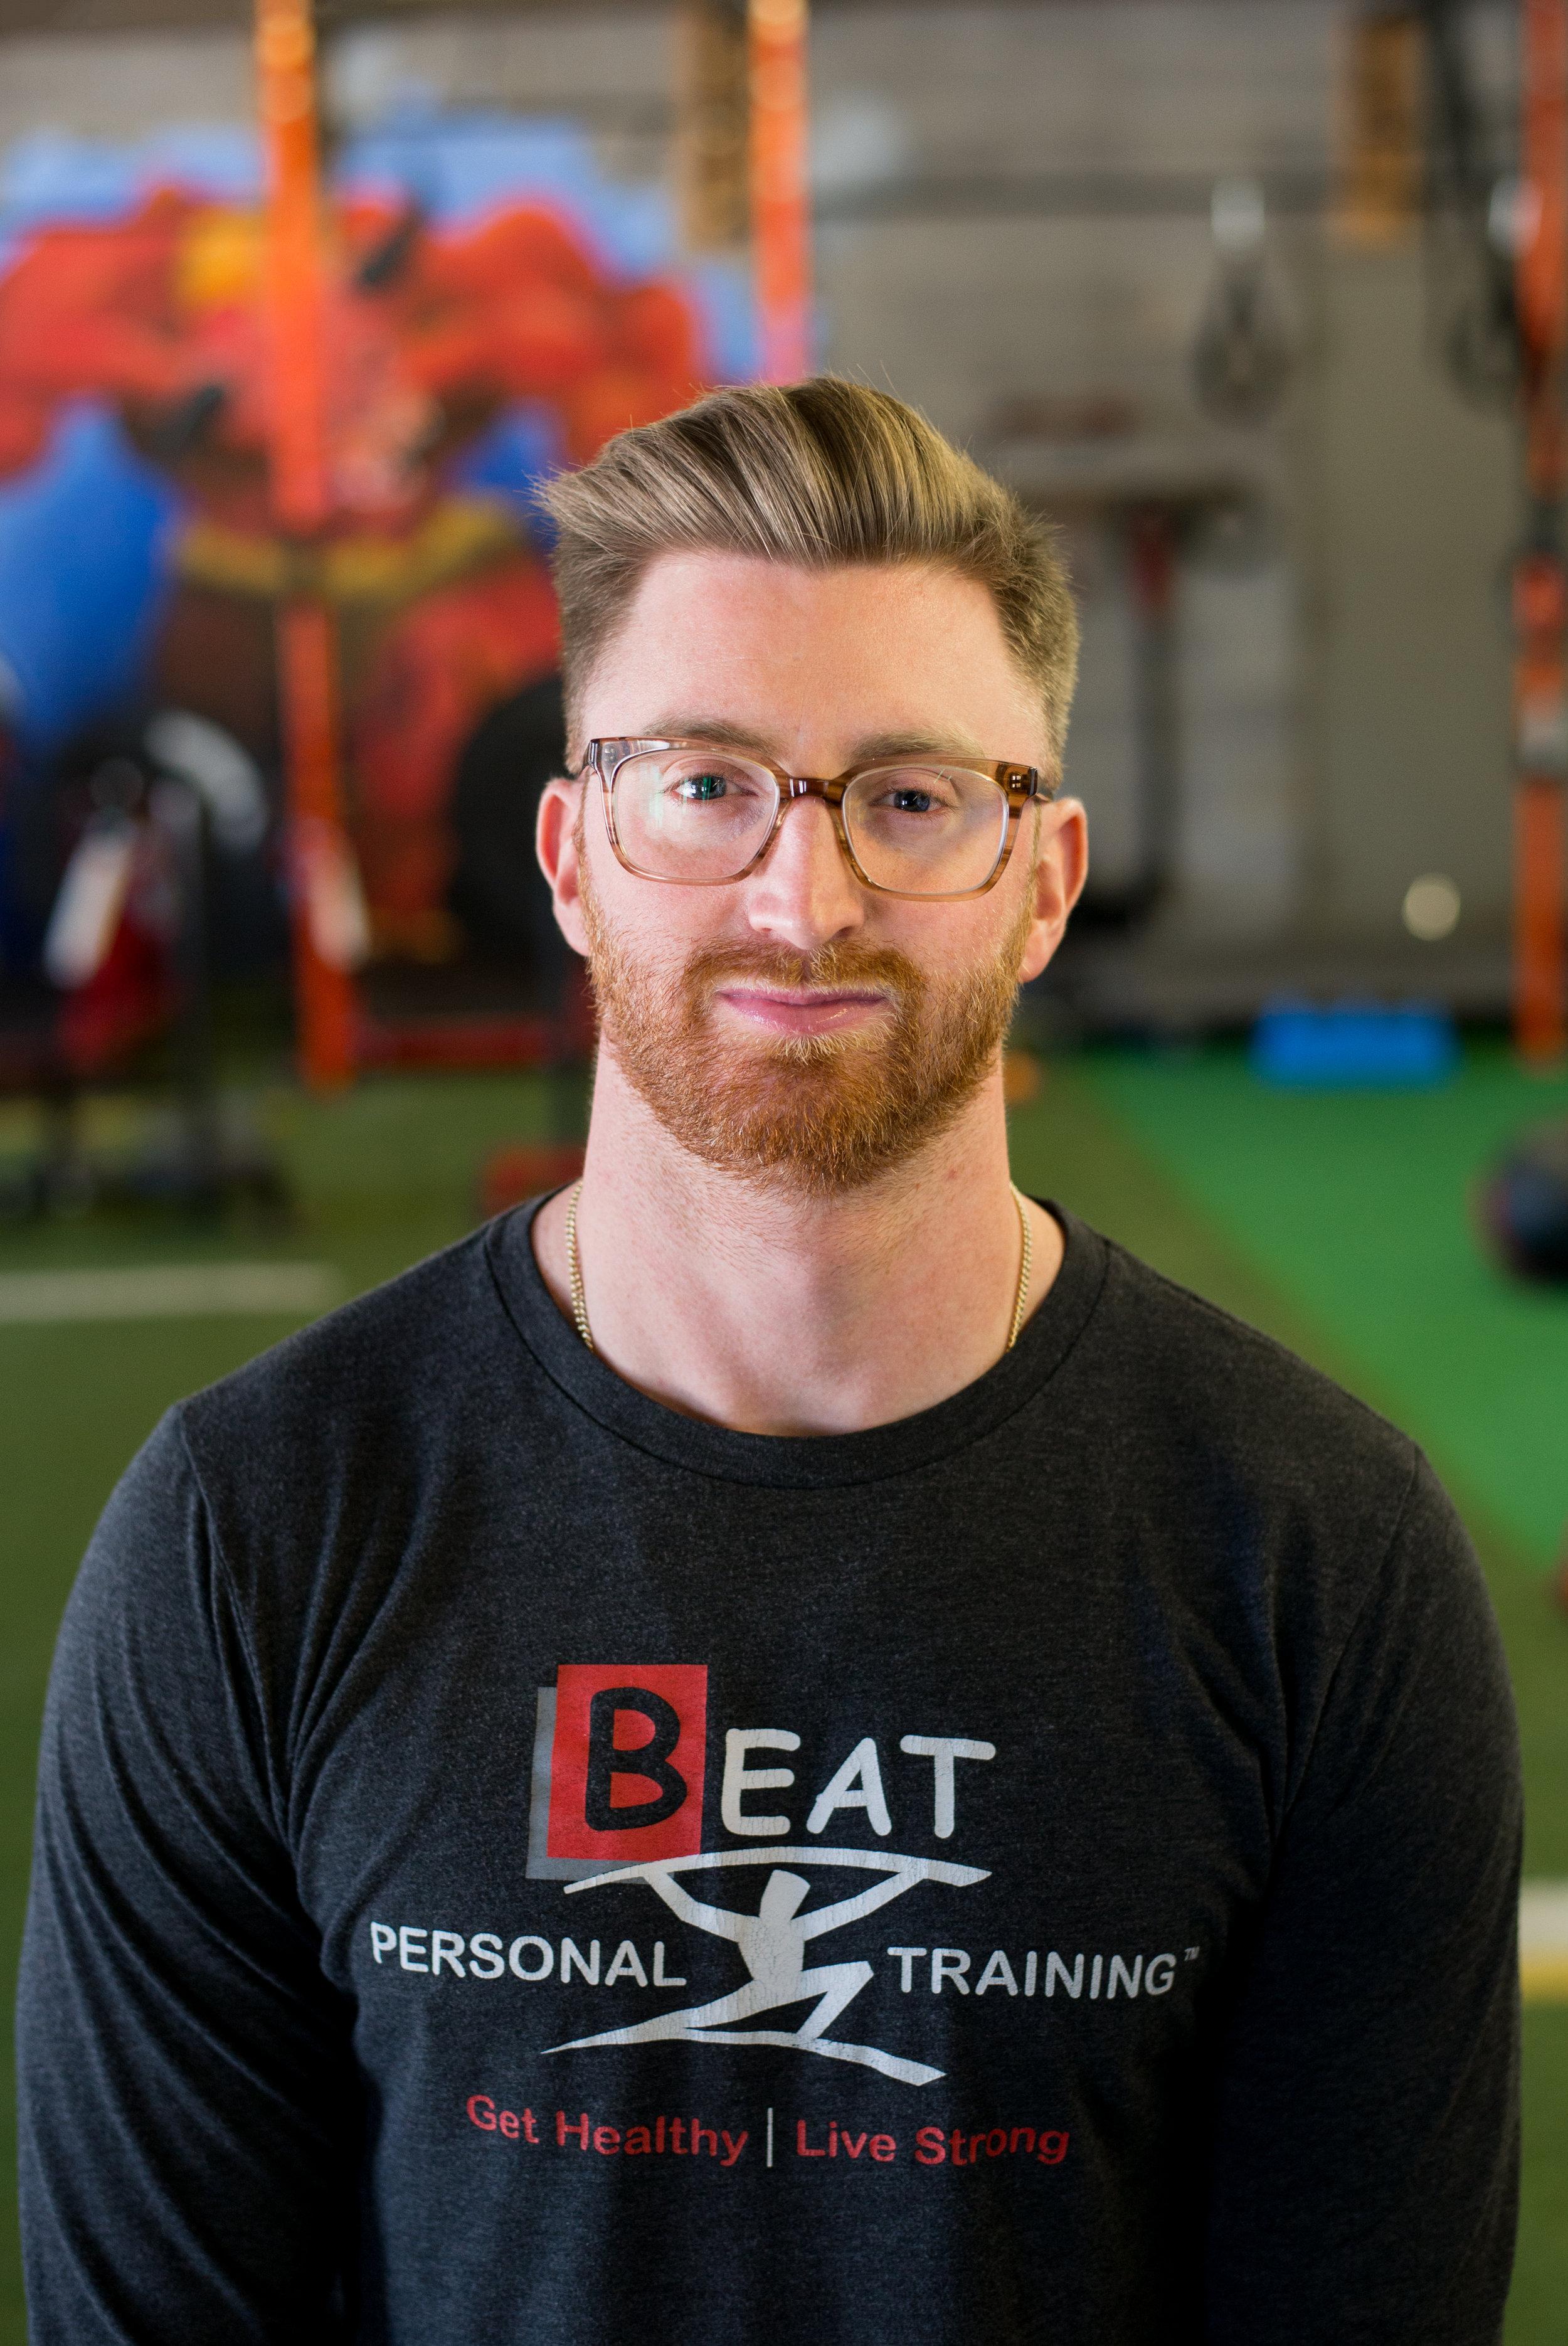 Brett - 2018 Headshot